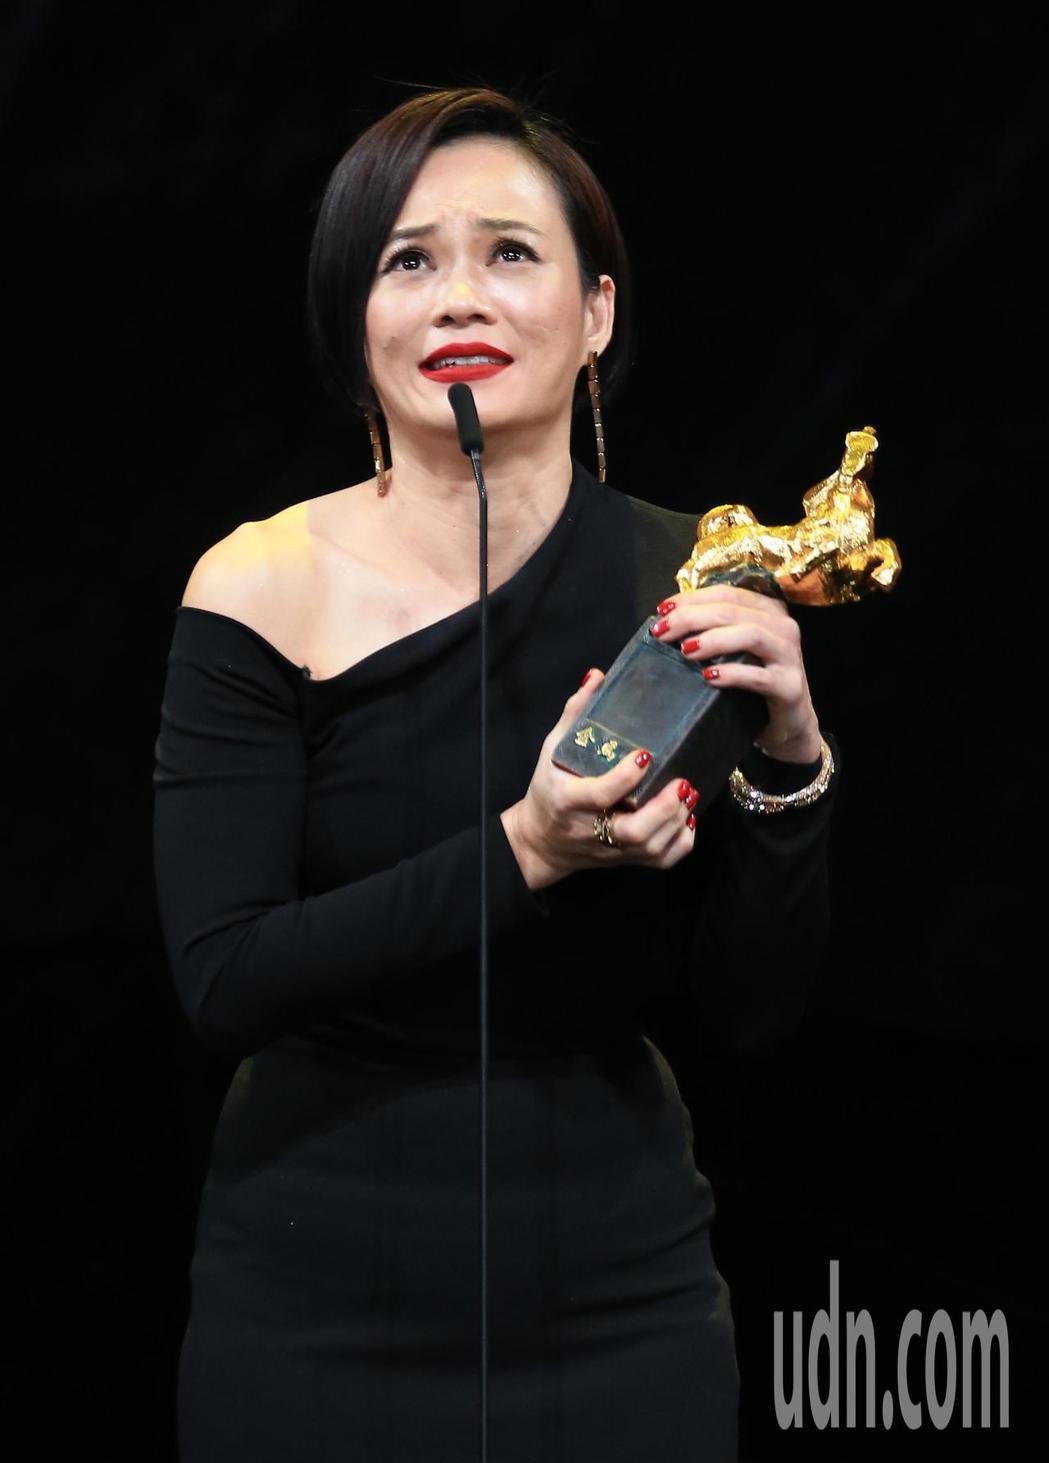 第56屆金馬獎頒獎典禮,楊雁雁以「熱帶雨」獲最佳女主角。記者林伯東/攝影